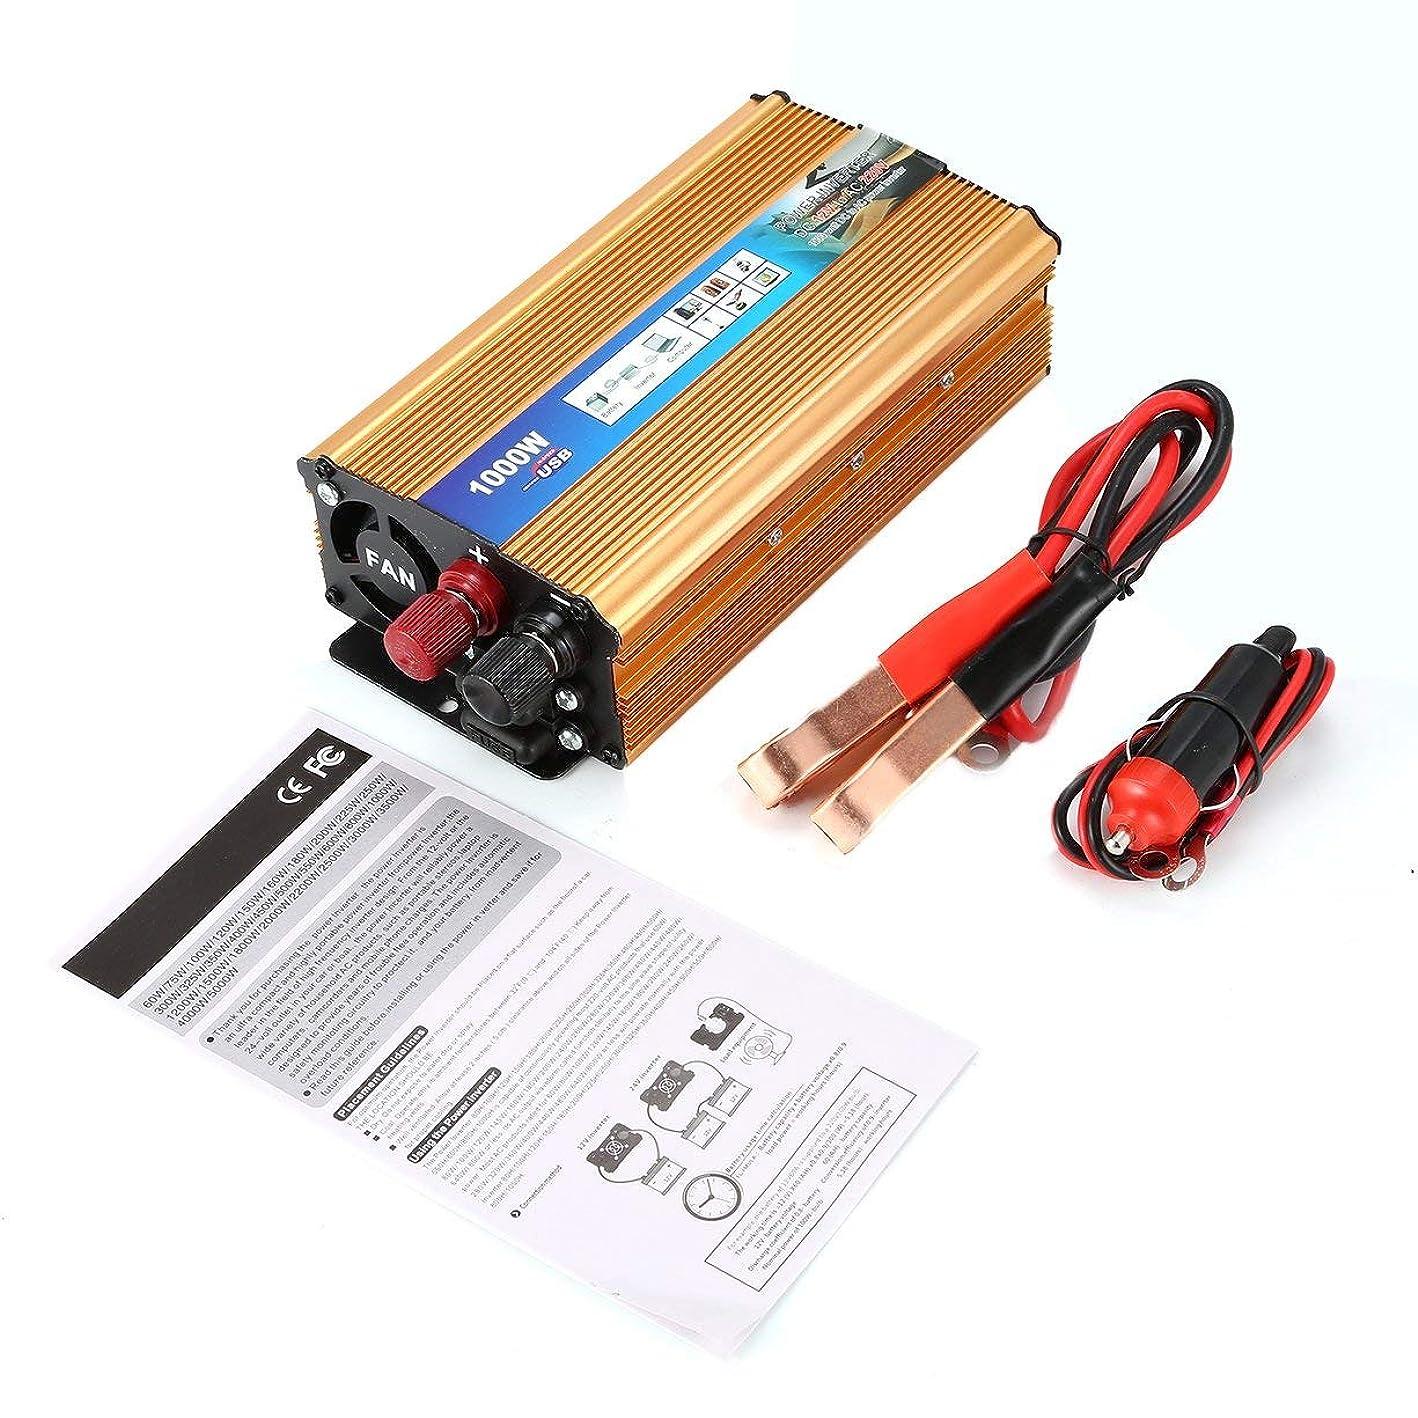 規則性西壊滅的な1000W家庭用電源インバーター電圧変圧器純粋な正弦波電力インバーターDC12VにAC 220Vコンバーター充電器 - ゴールド